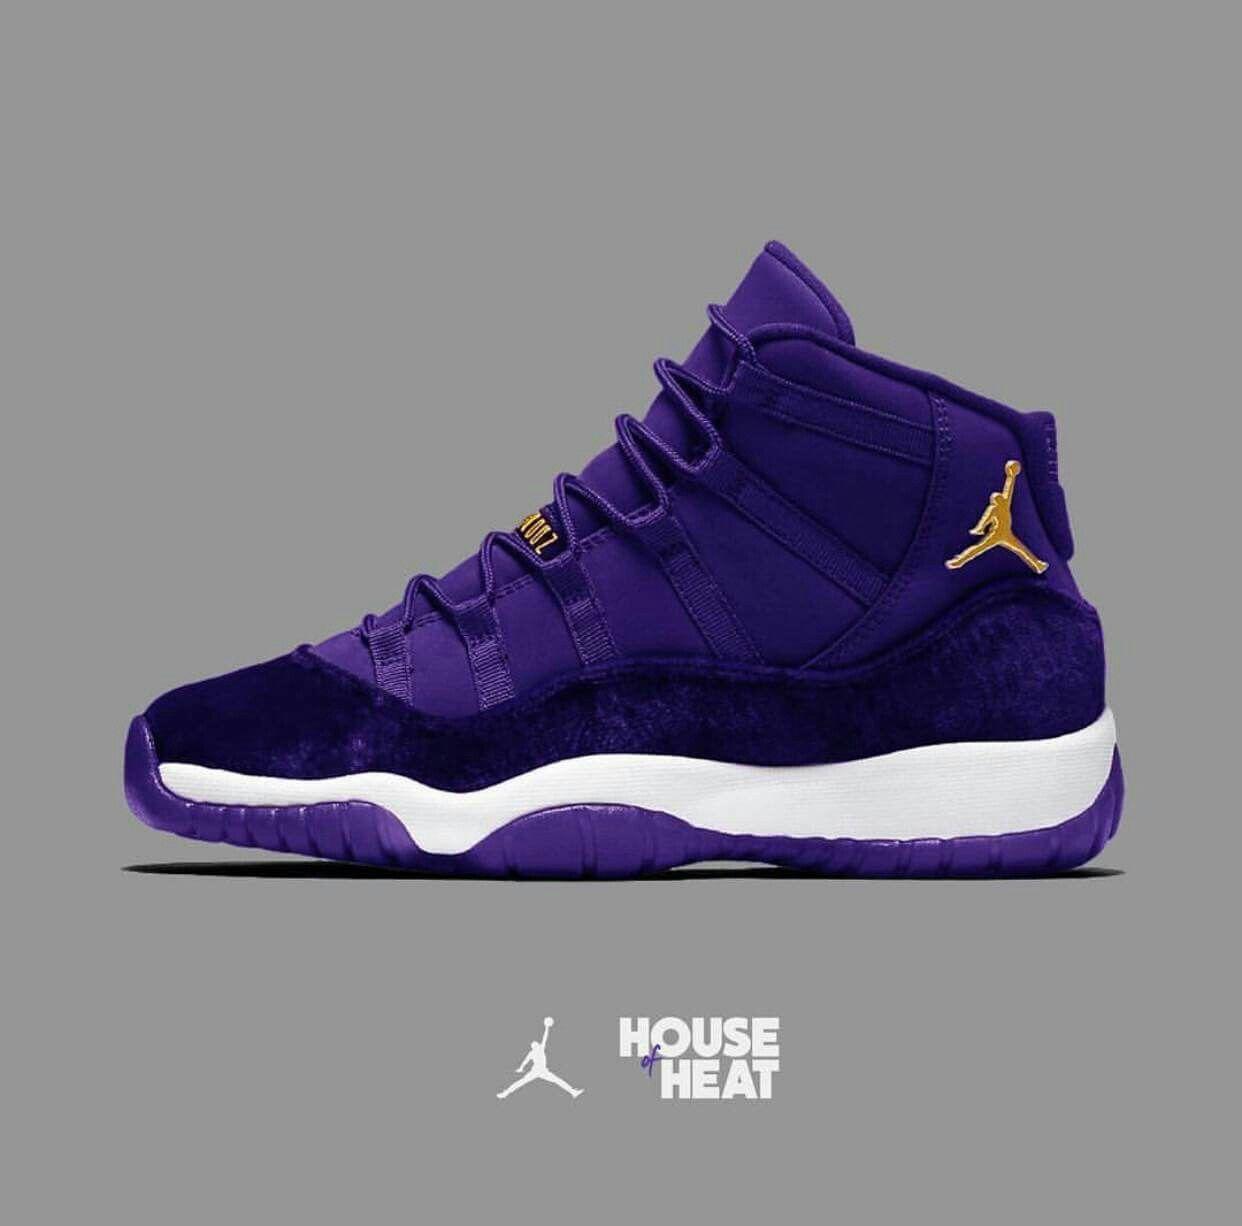 save off e4193 ff92b Fashionista #Purple #12s #Swag | Trillest ShoeGame Ever ...